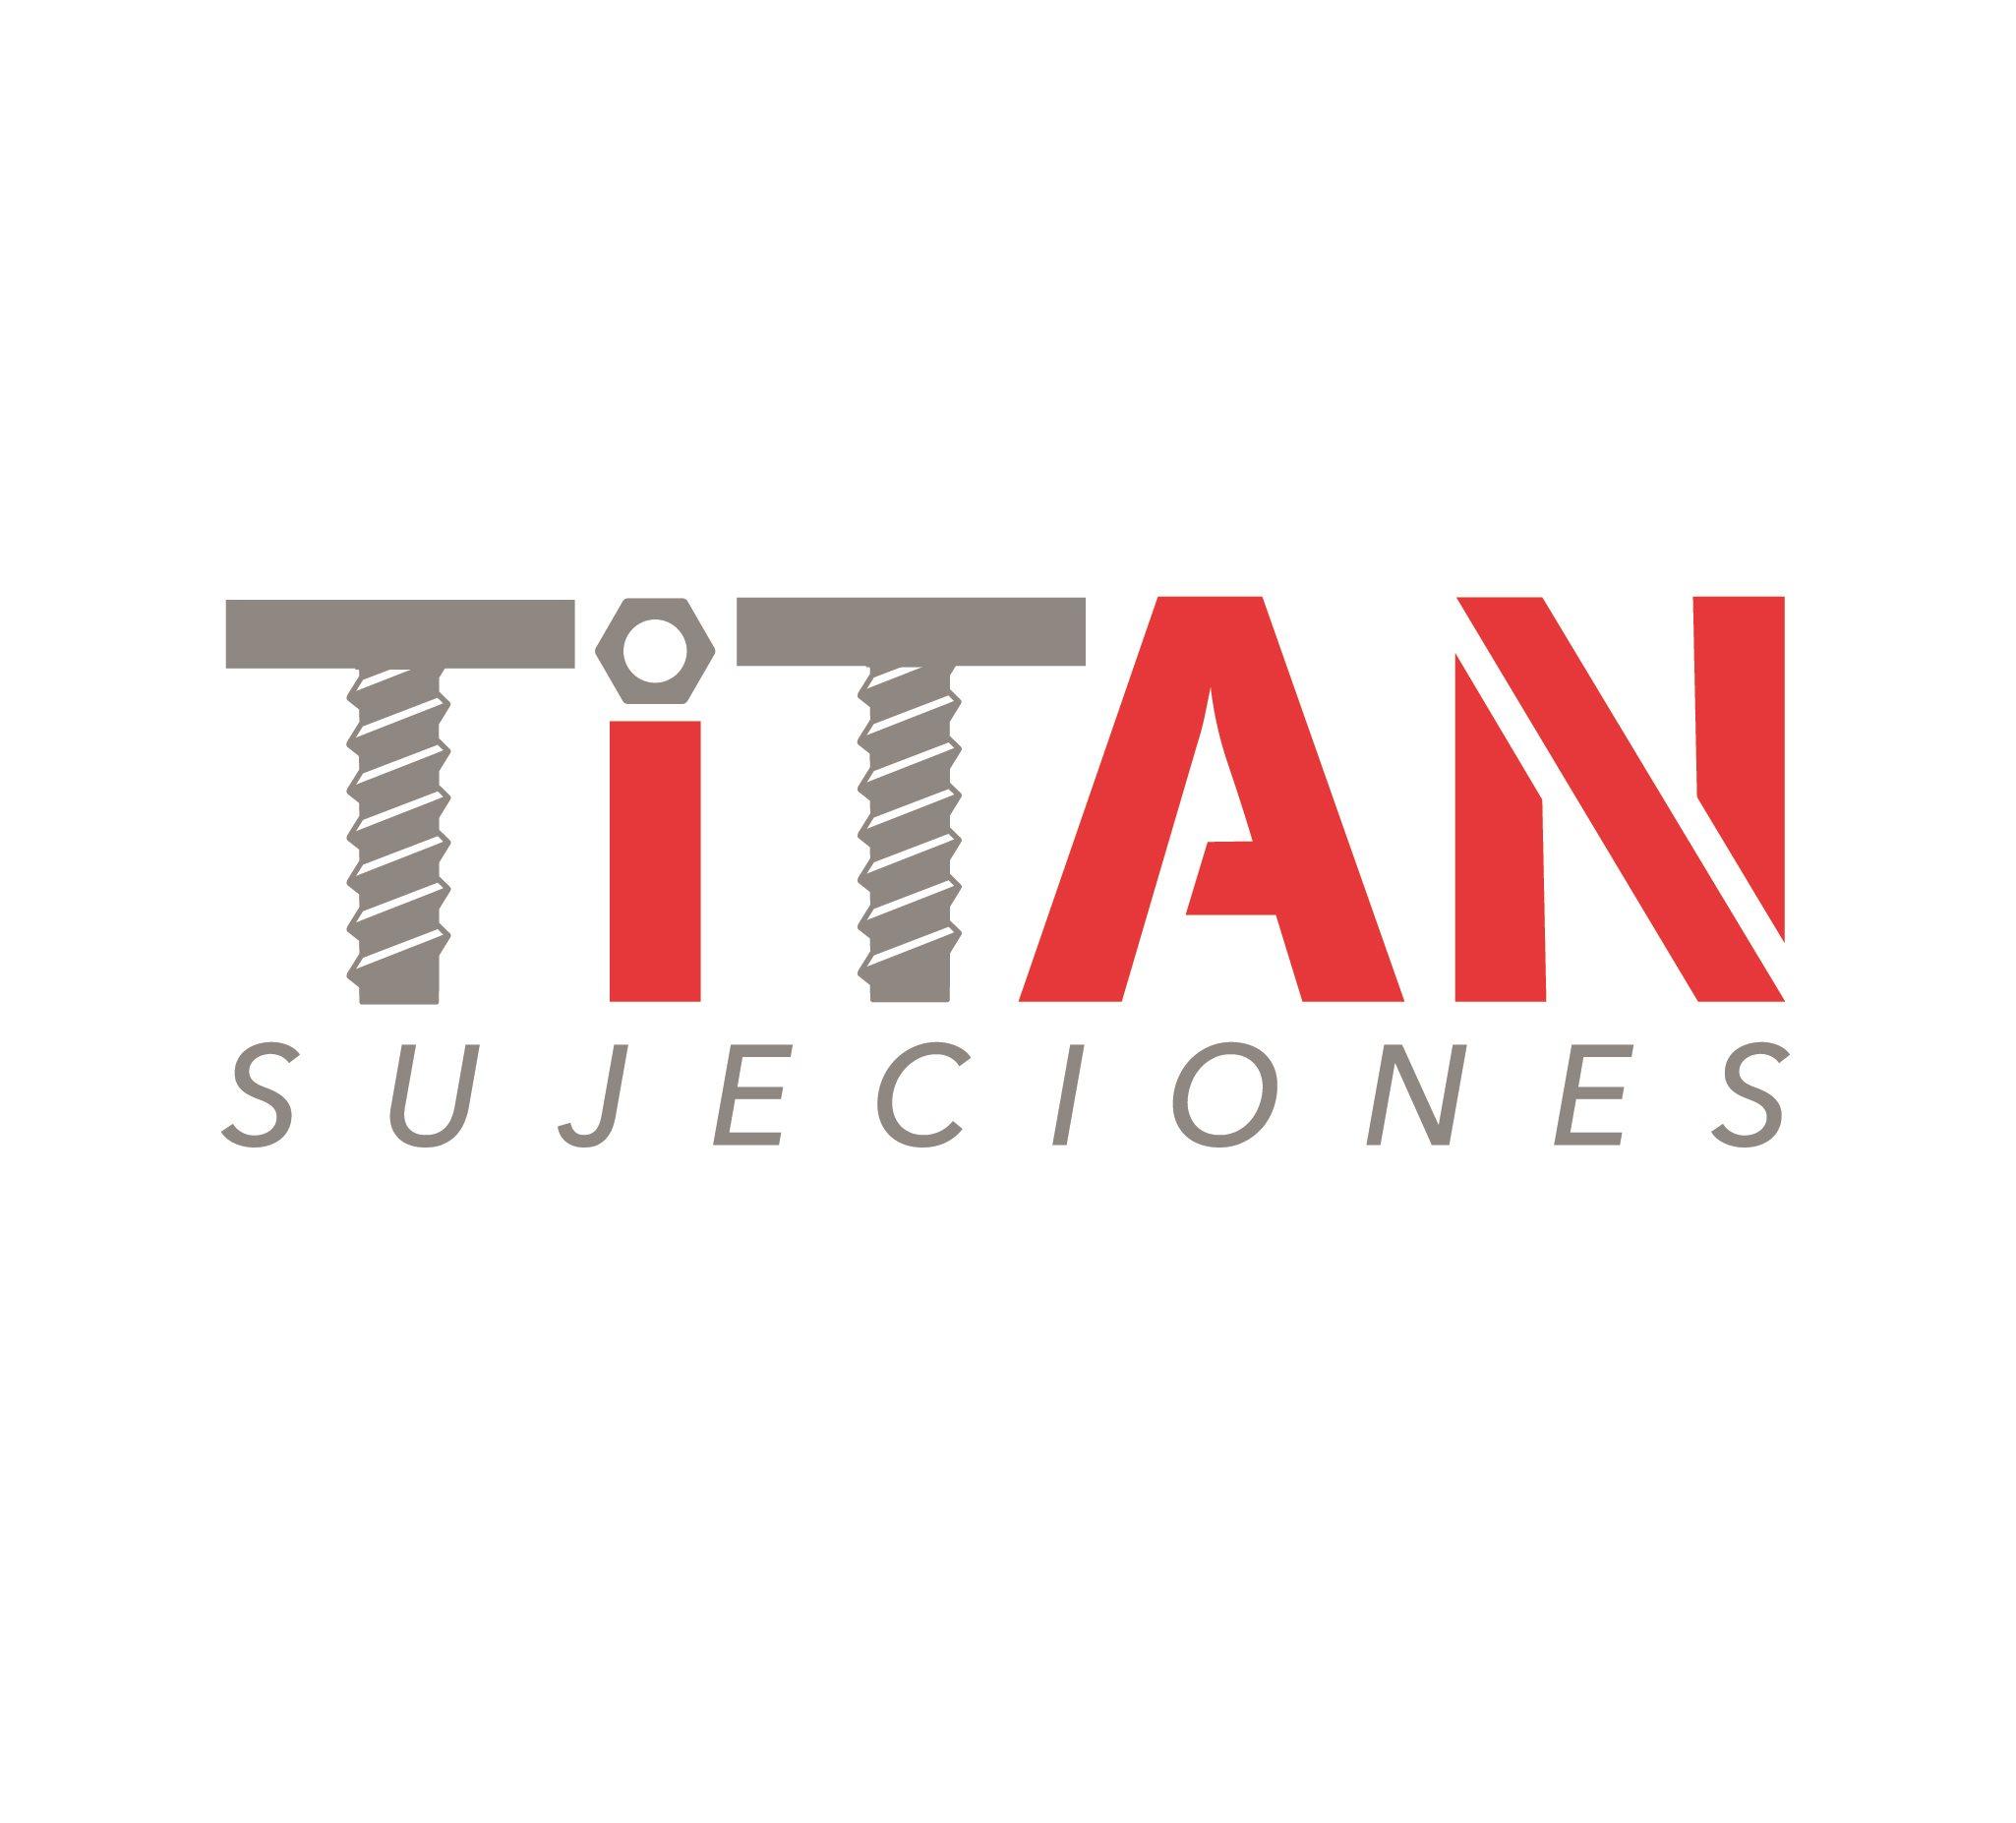 SUJECIONES TITAN